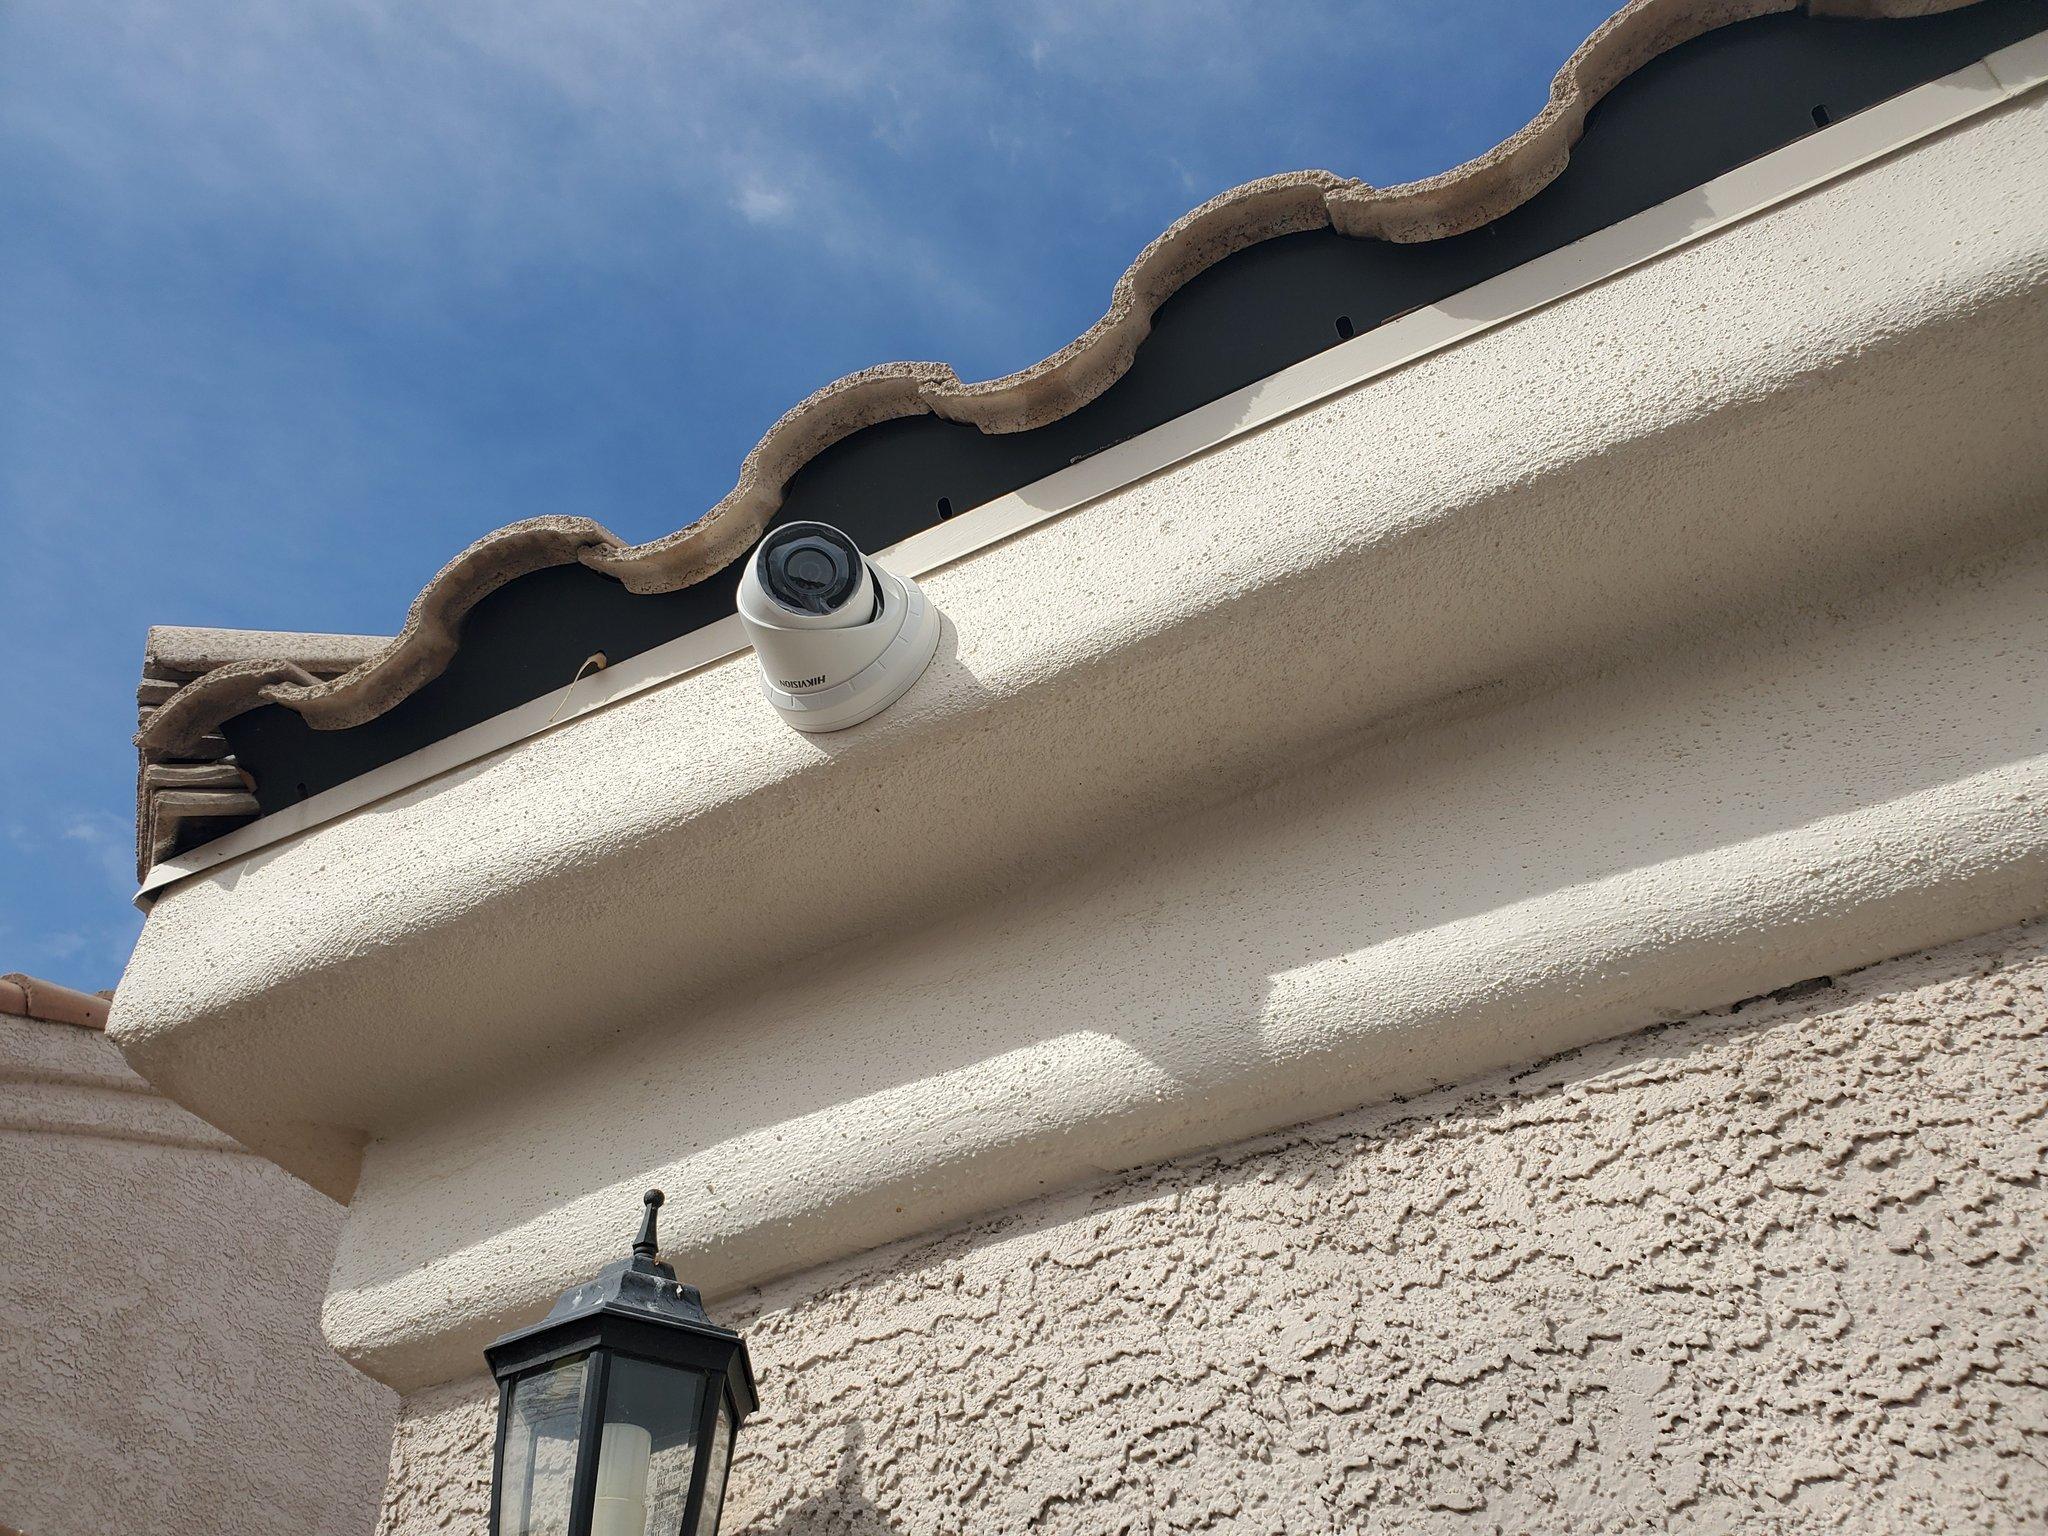 changer caméra de surveillance